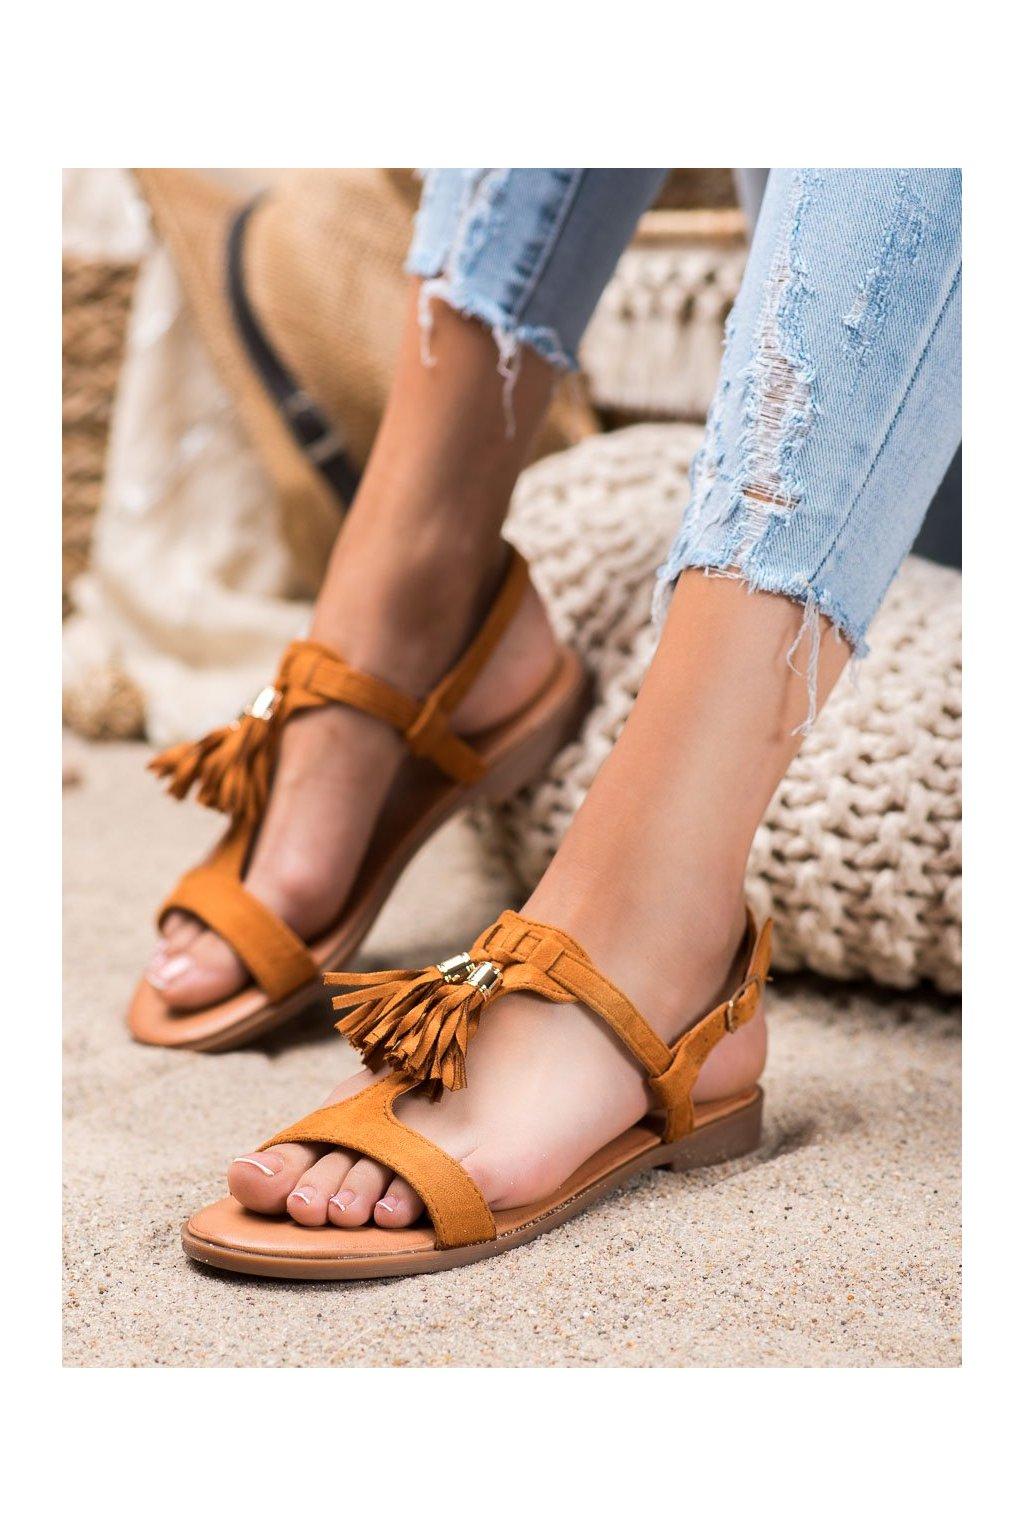 Hnedé sandále Renda kod 222-30C